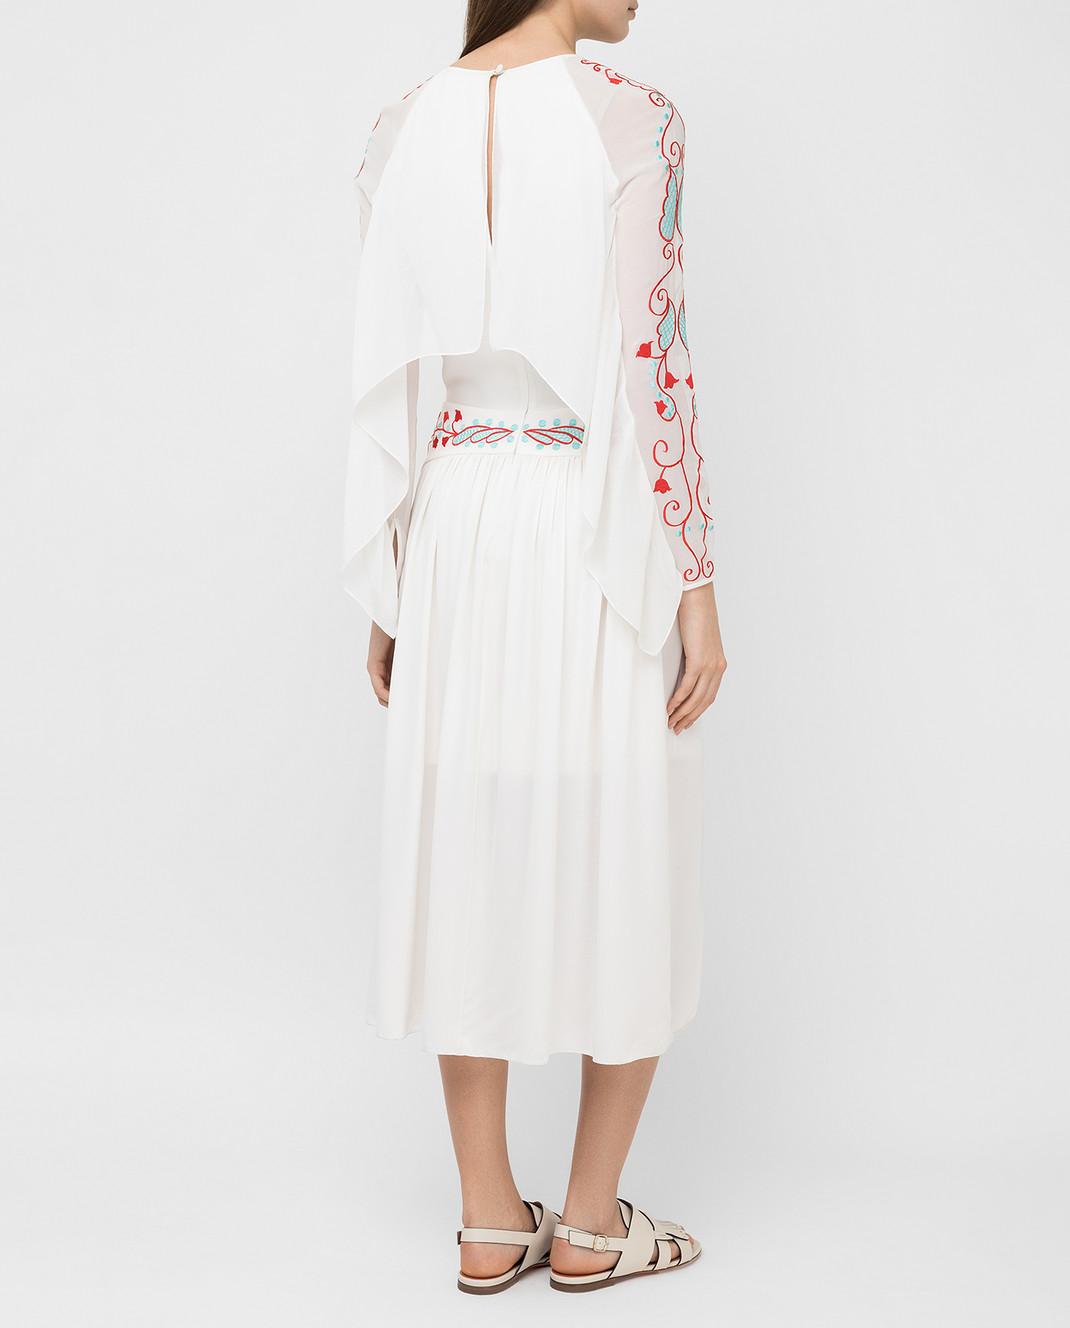 Temperley London Белое платье из шелка 16S73650959 изображение 4